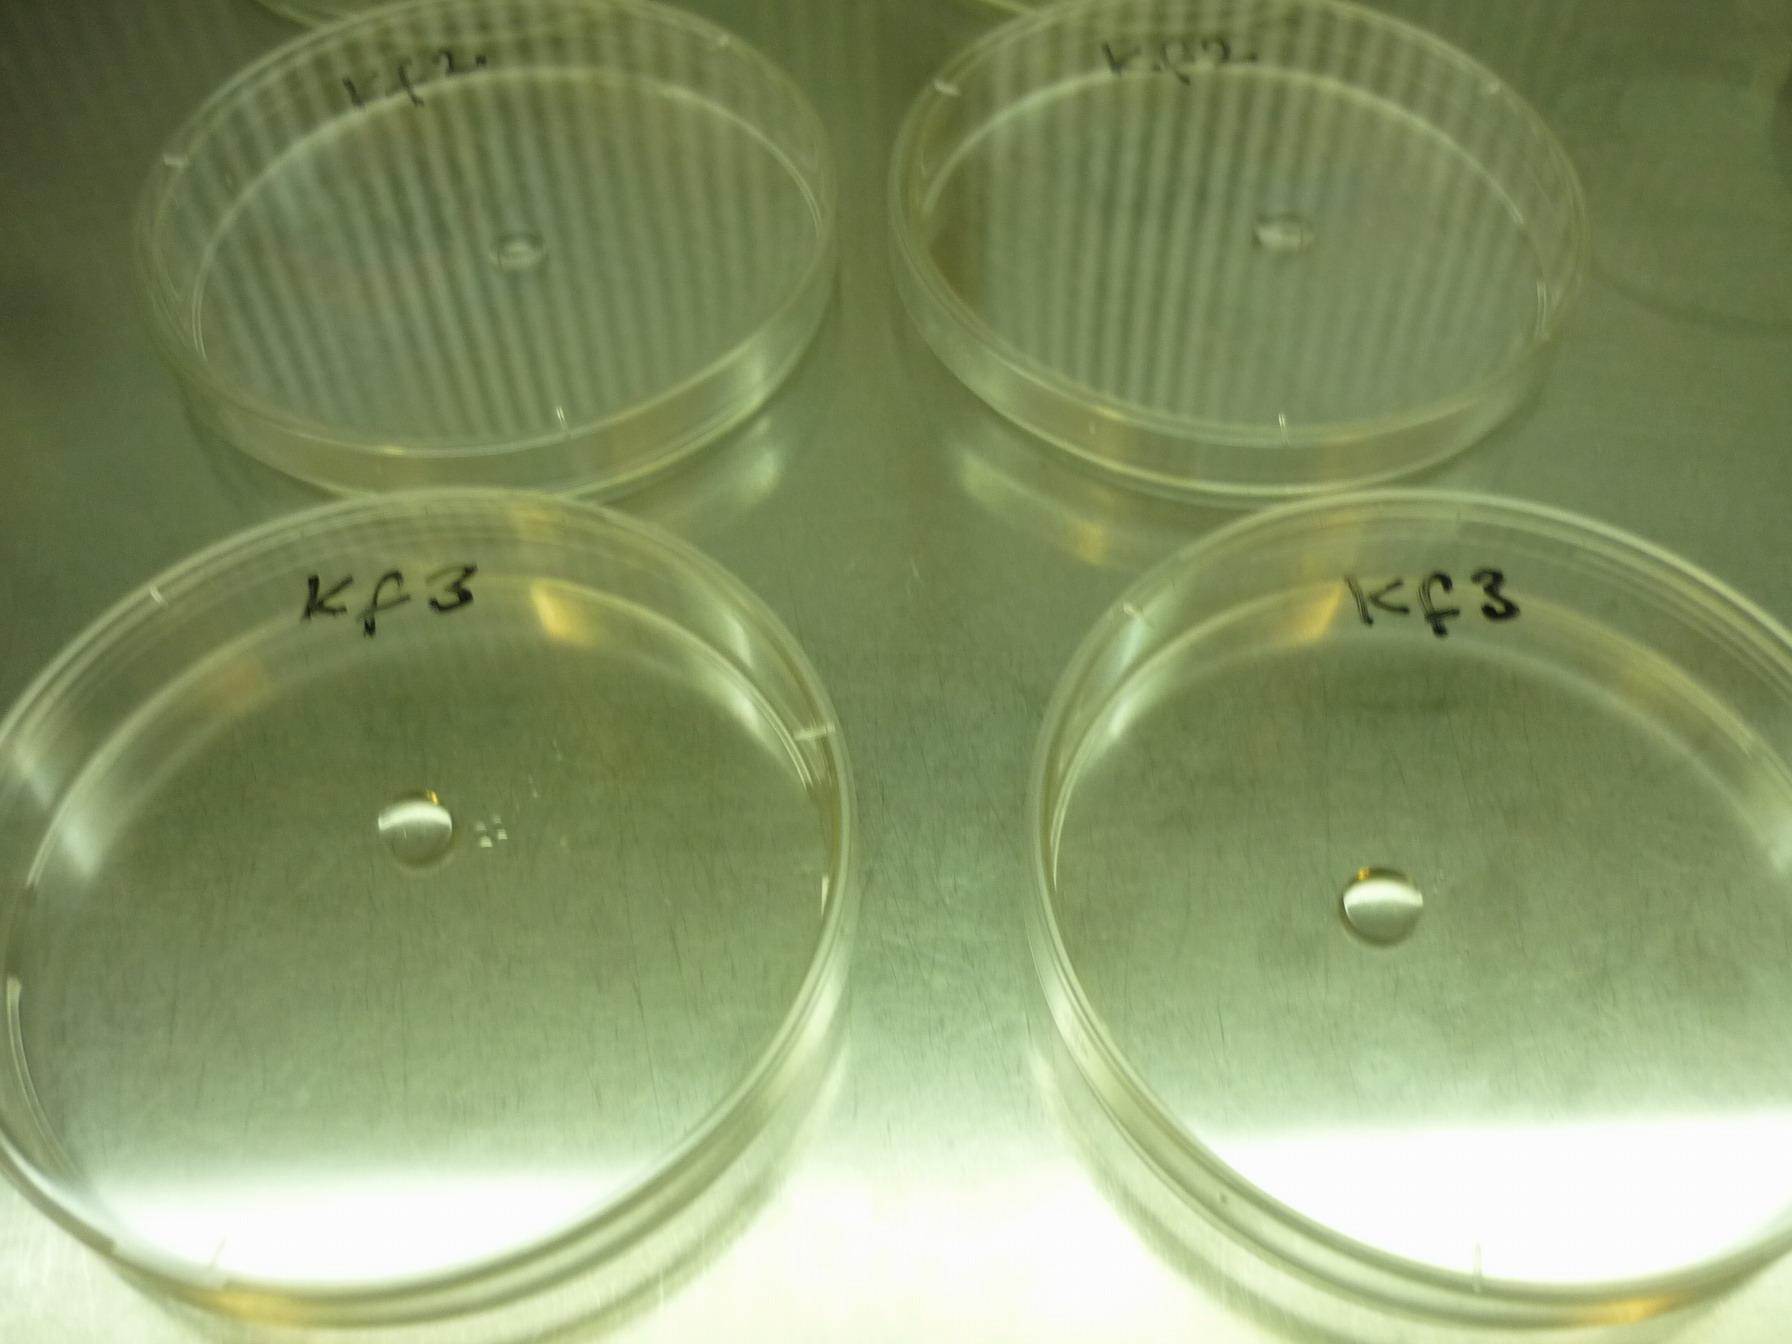 100 μl Petri-csészébe mérése